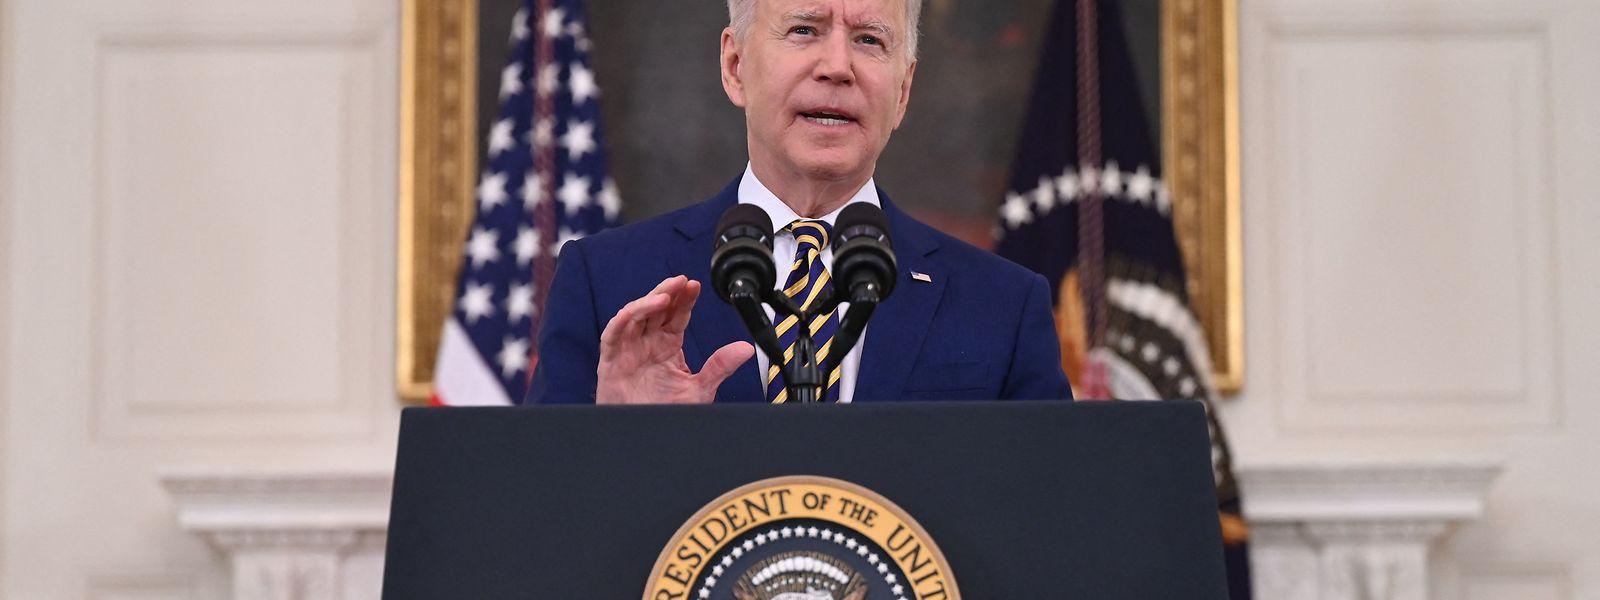 Joe Biden muss gegen den hartnäckigen Widerstand der Republikaner im Kongress kämpfen. Das lähmt bisweilen seinen Reformeifer.